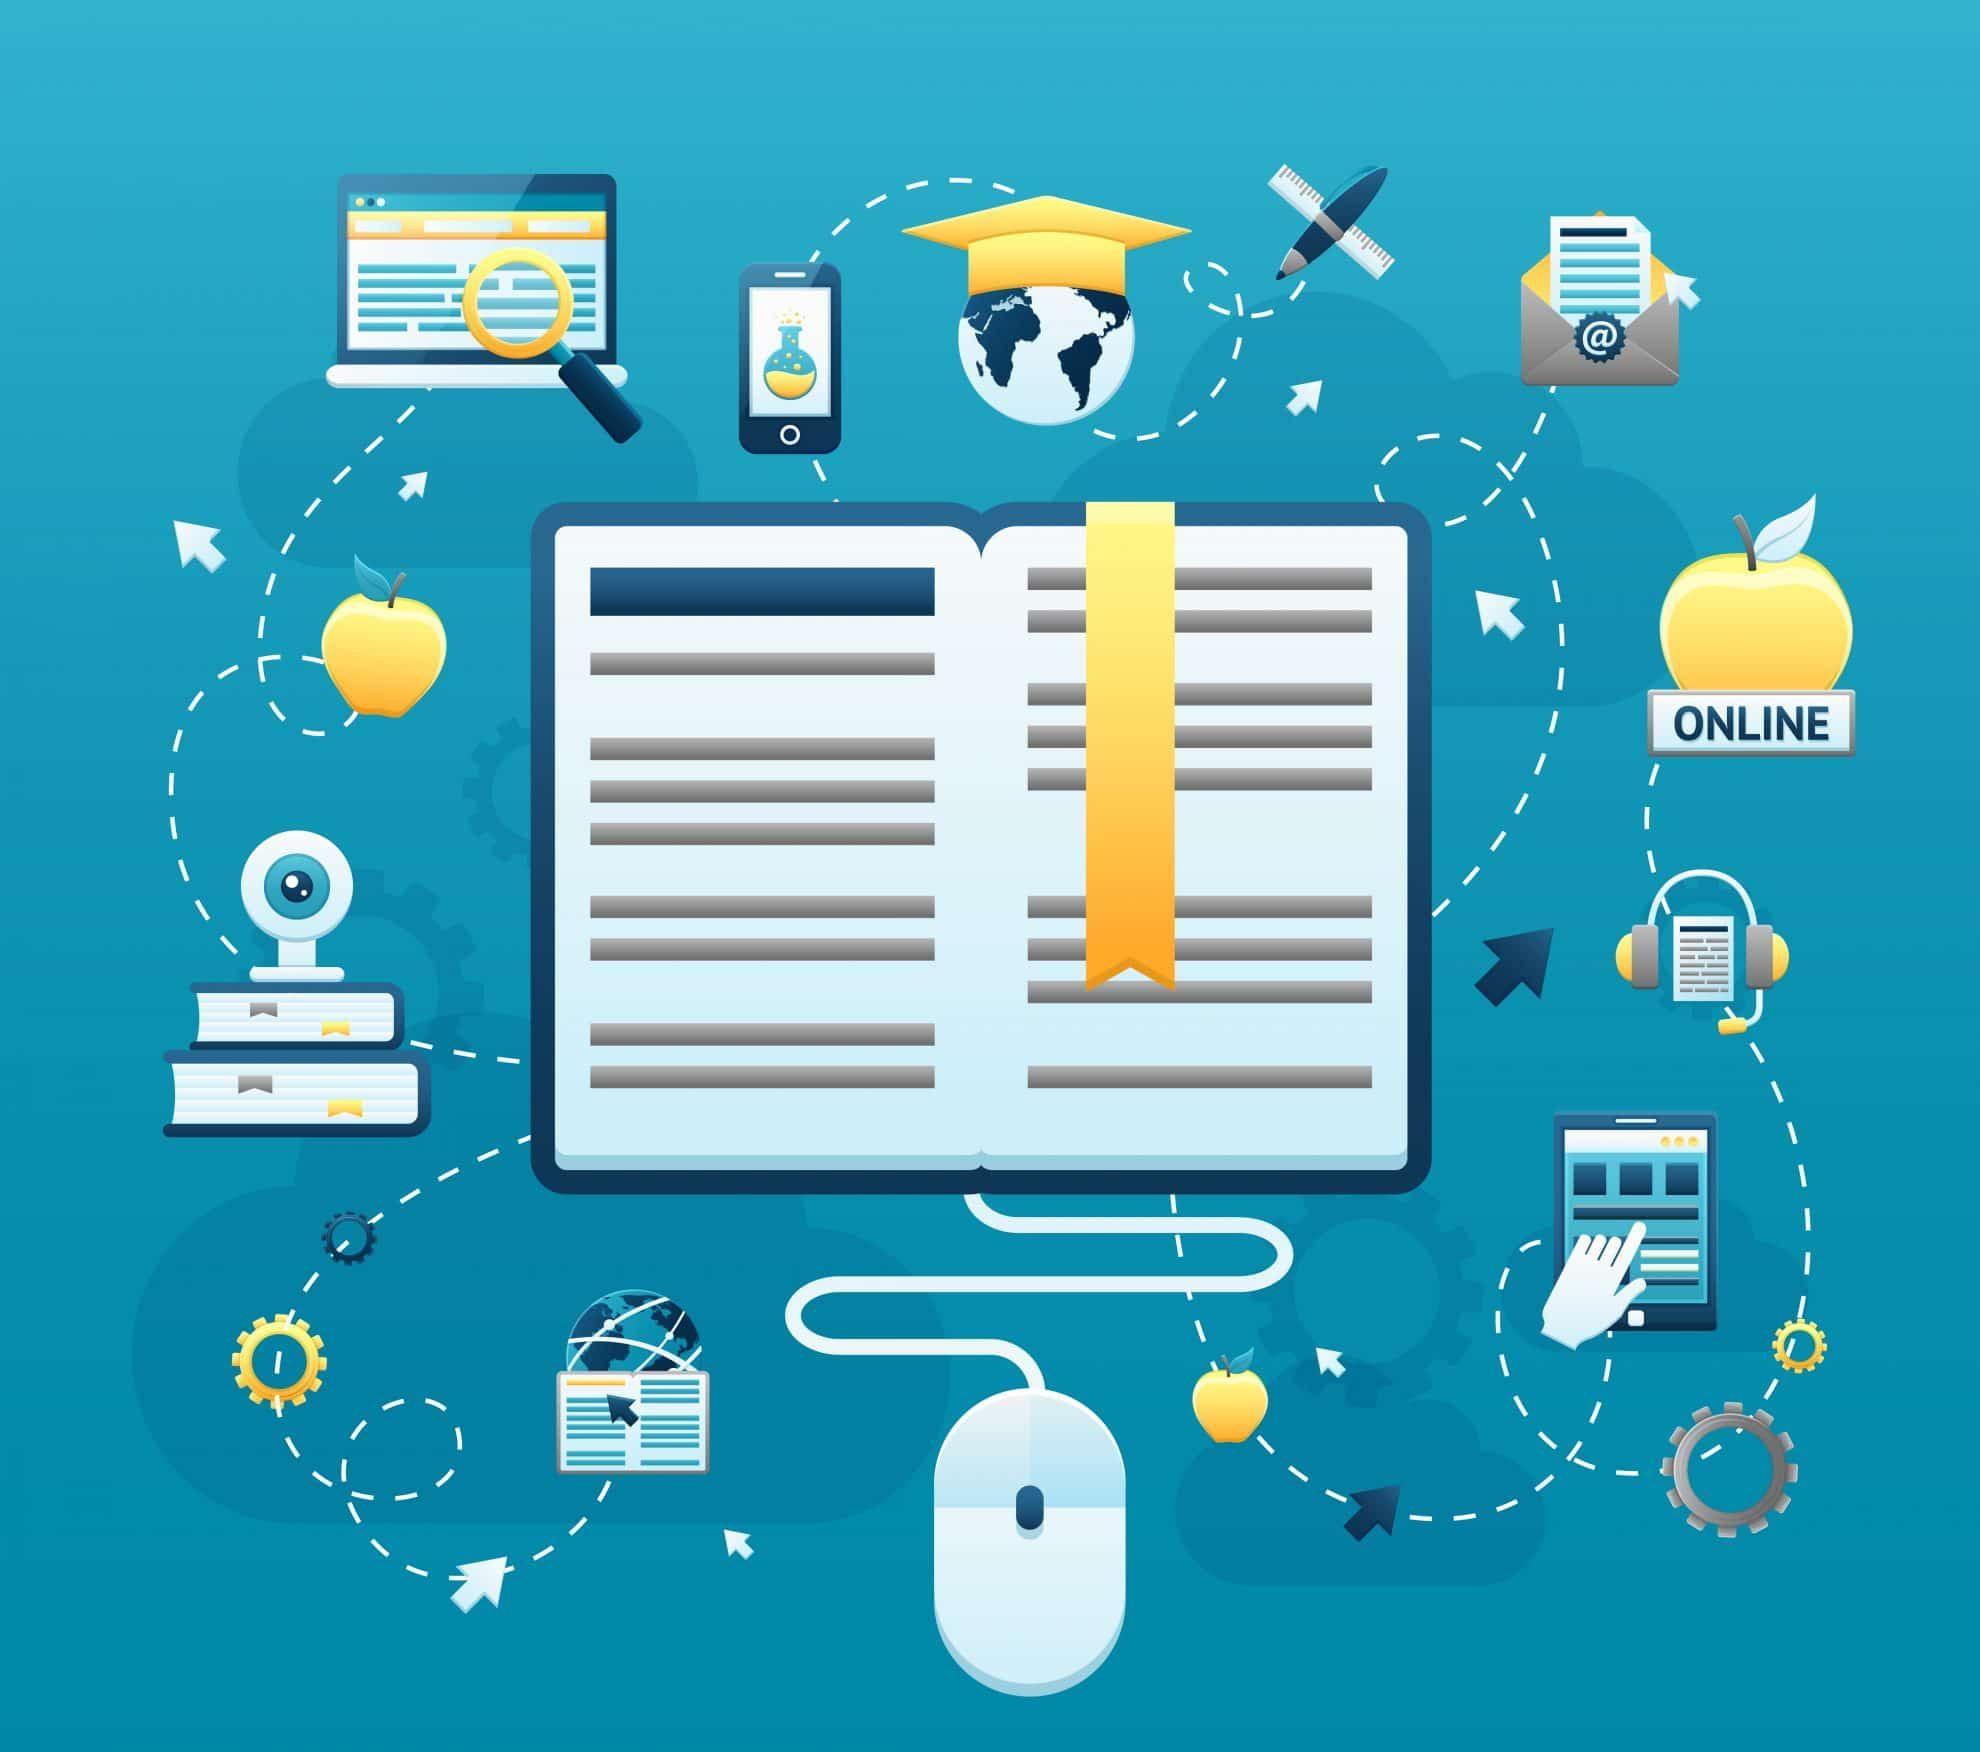 מערכת לתכנון משאבי ארגון